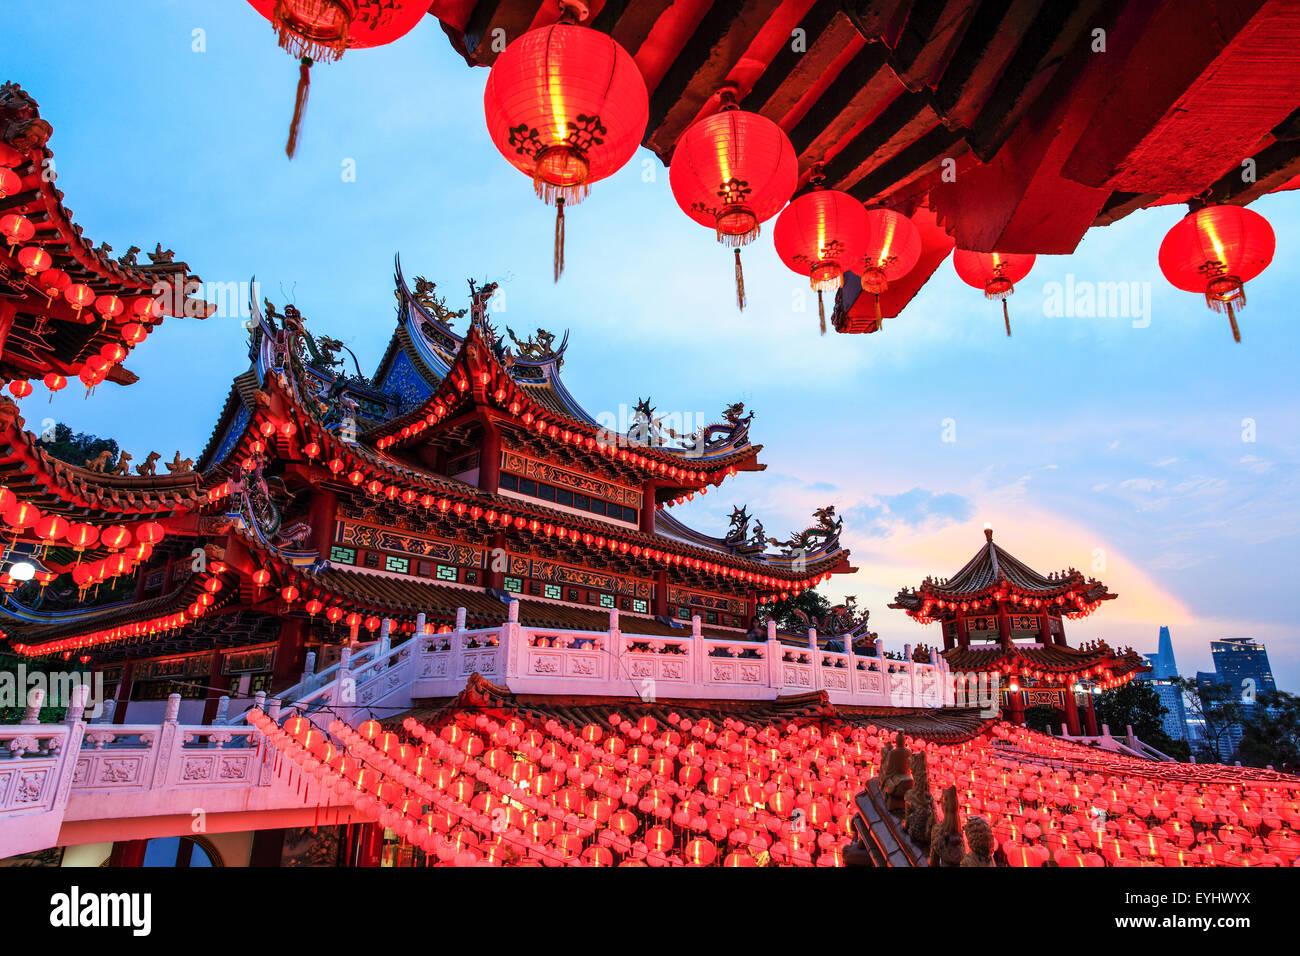 Il Thean Hou lanterne del tempio tutti illuminata durante il Capodanno cinese. Immagini Stock